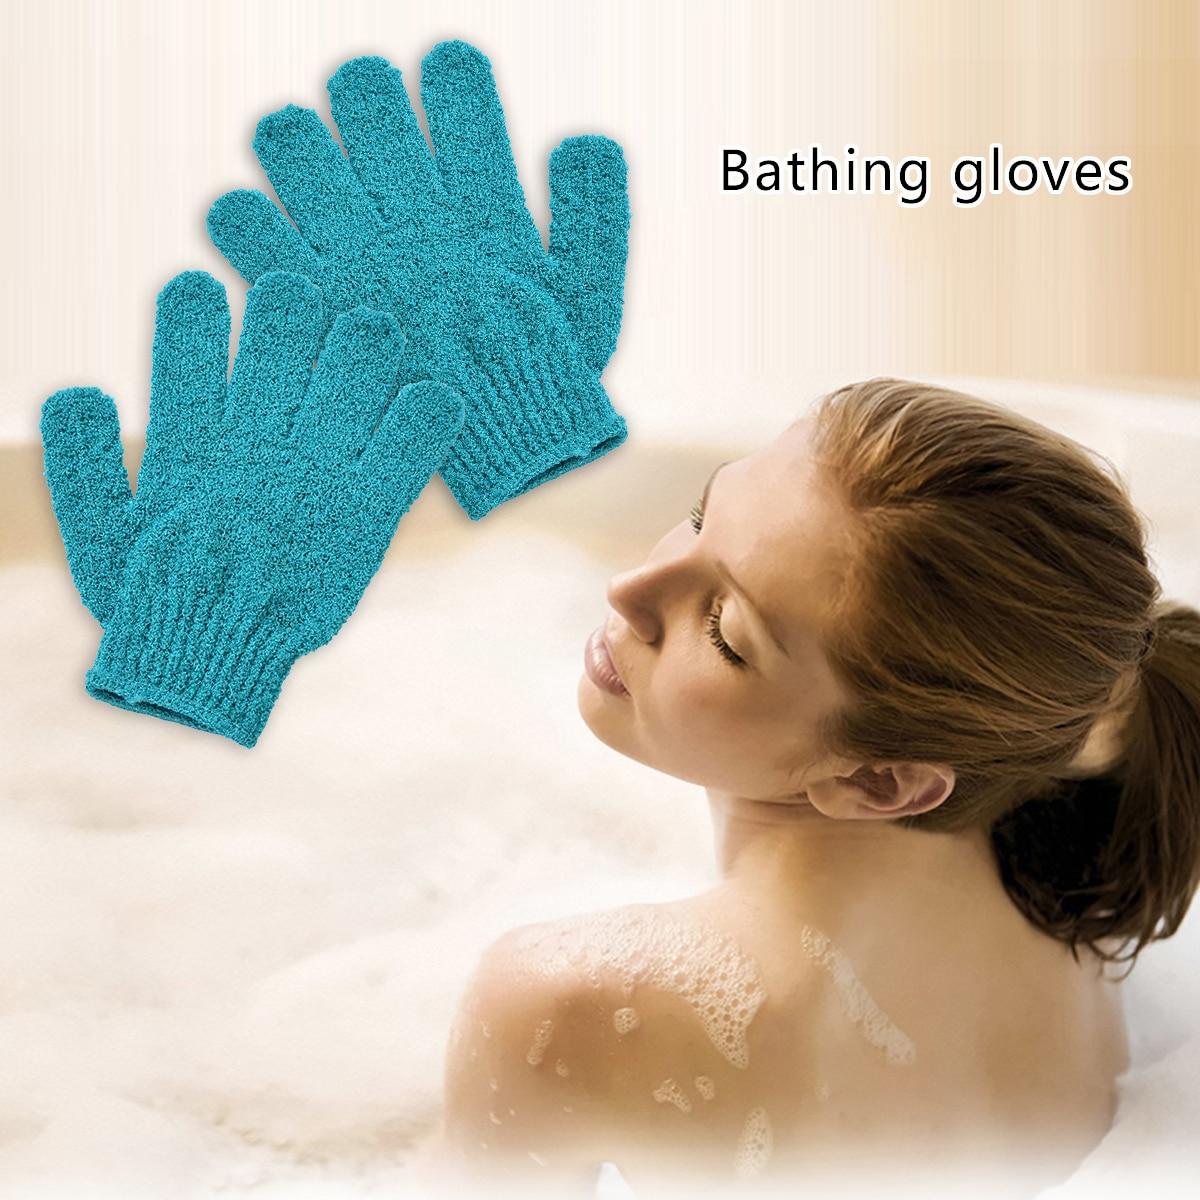 High Quality Exfoliating Gloves Color Random Mitt Bath Shower Scrub Tan Dead Skin Removal Exfoliator